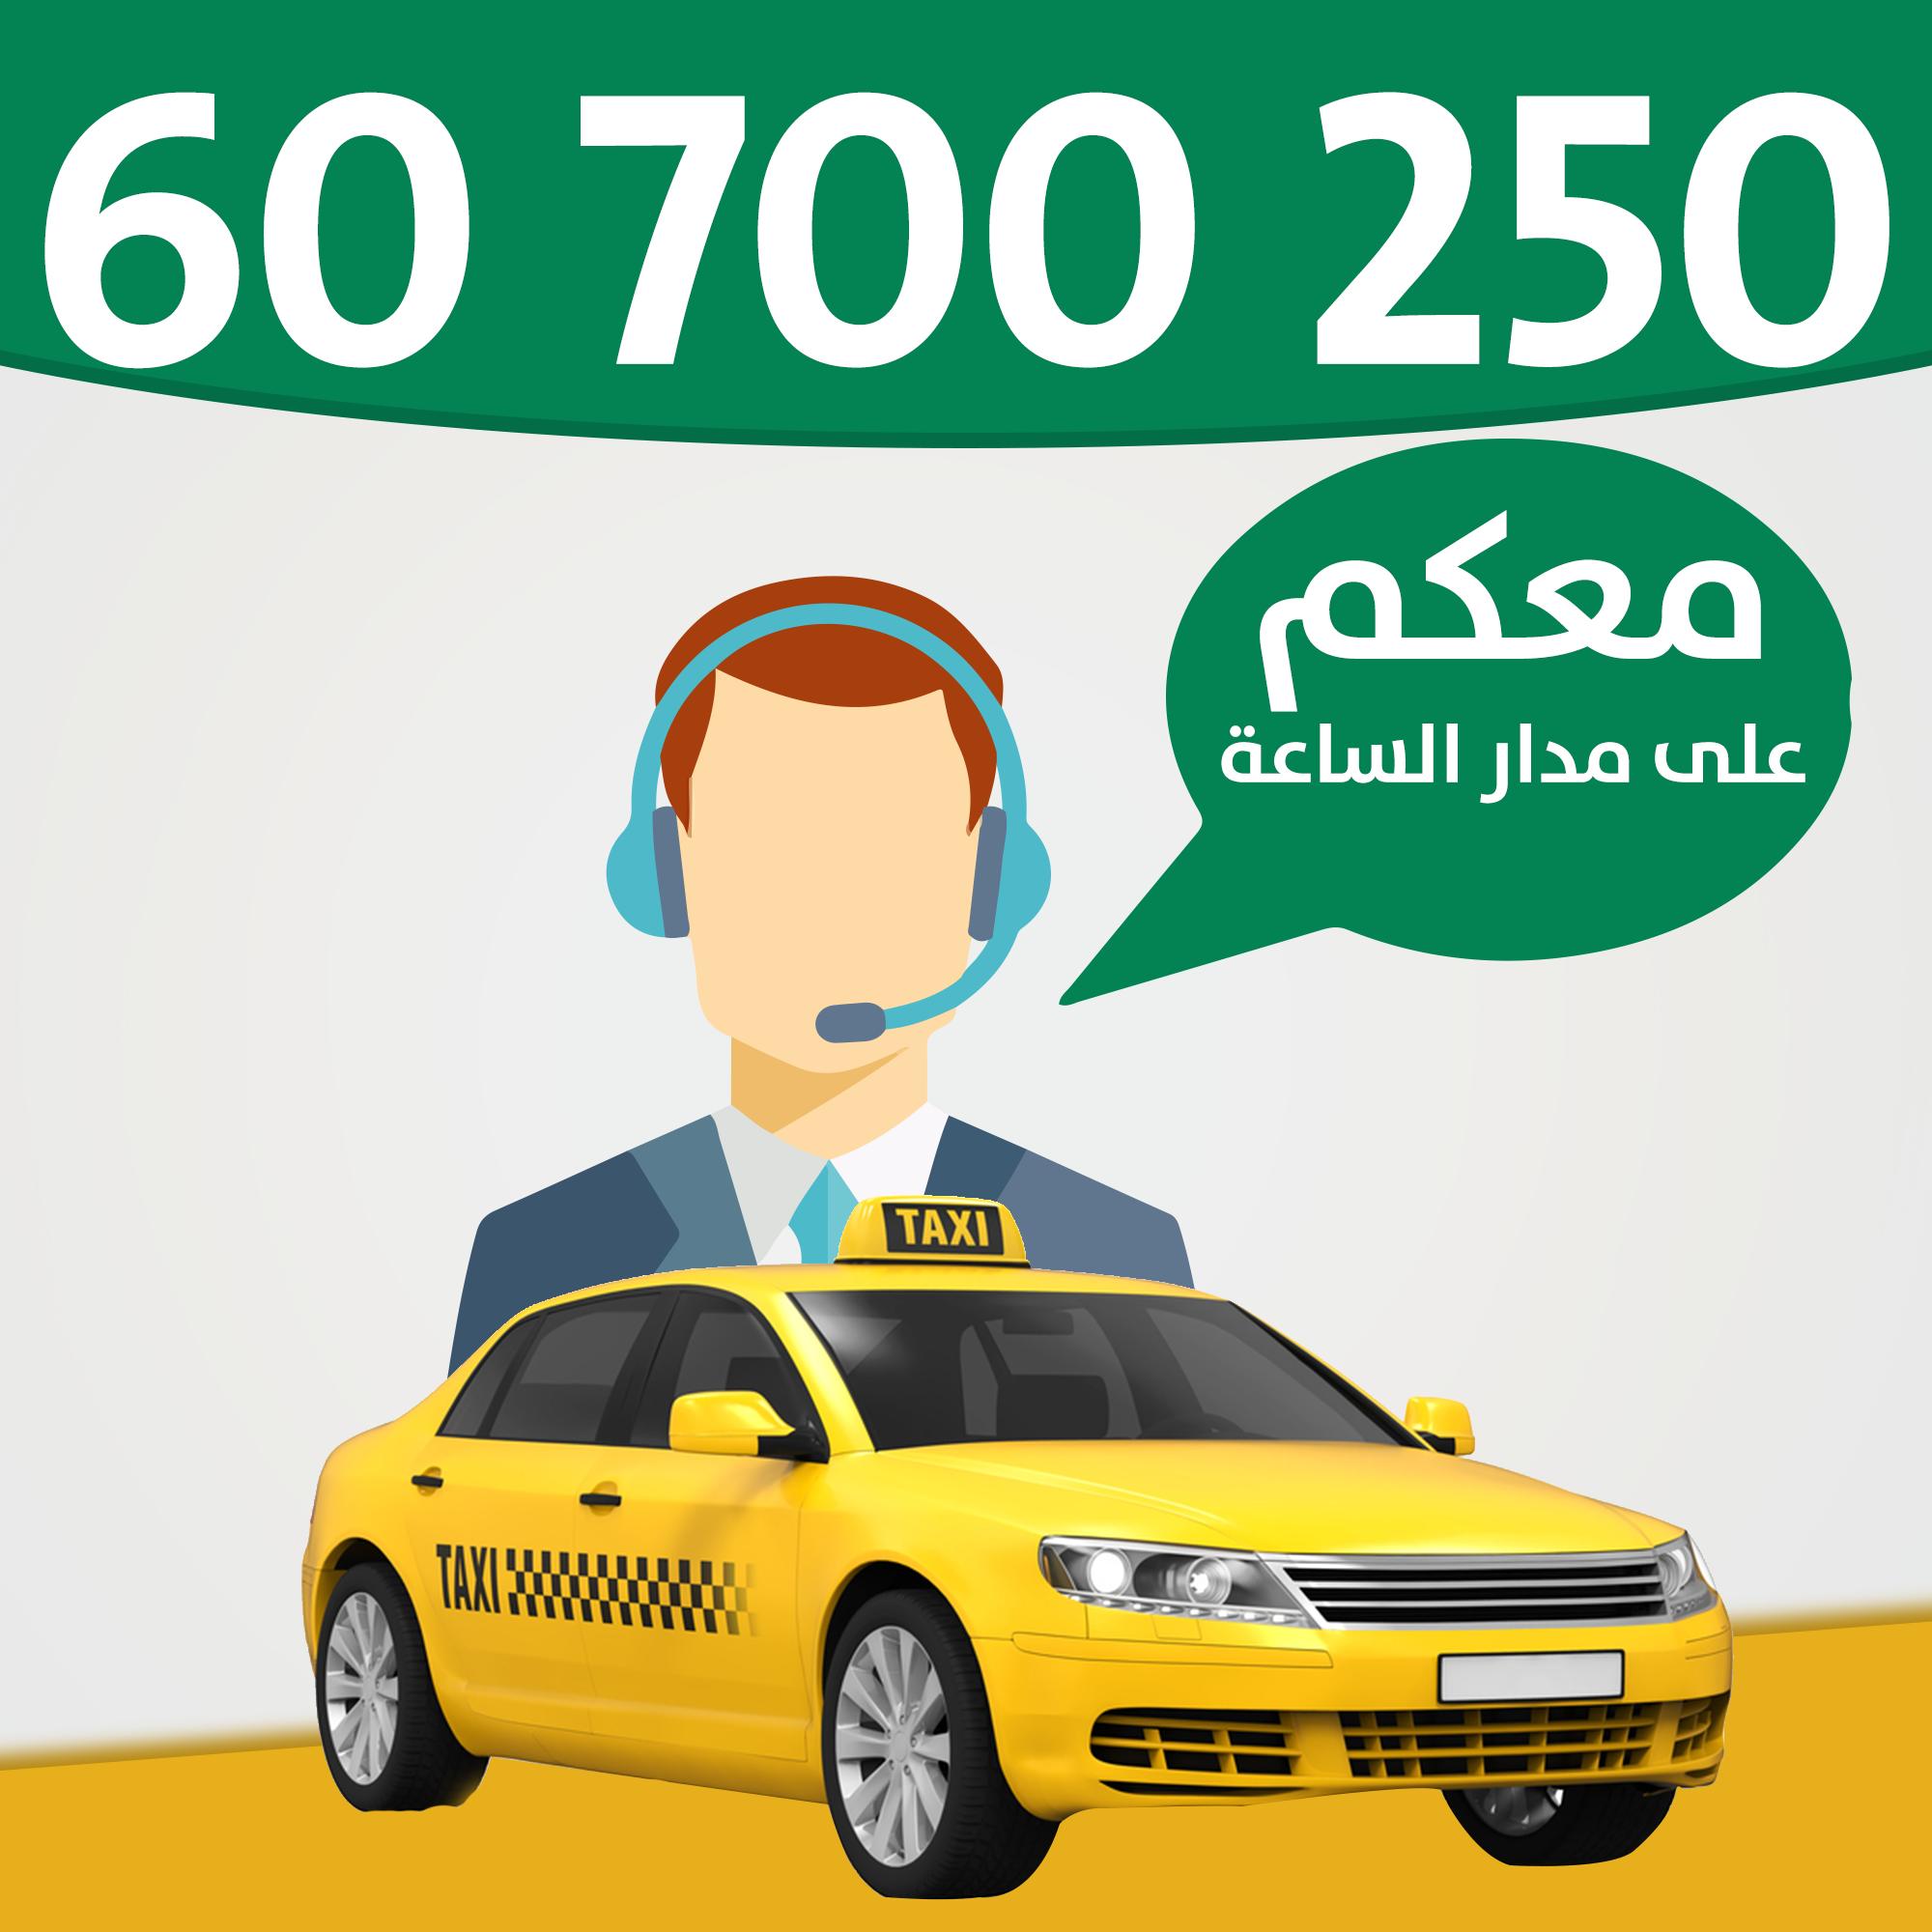 تاكسي توصيلة في شارع مراكش